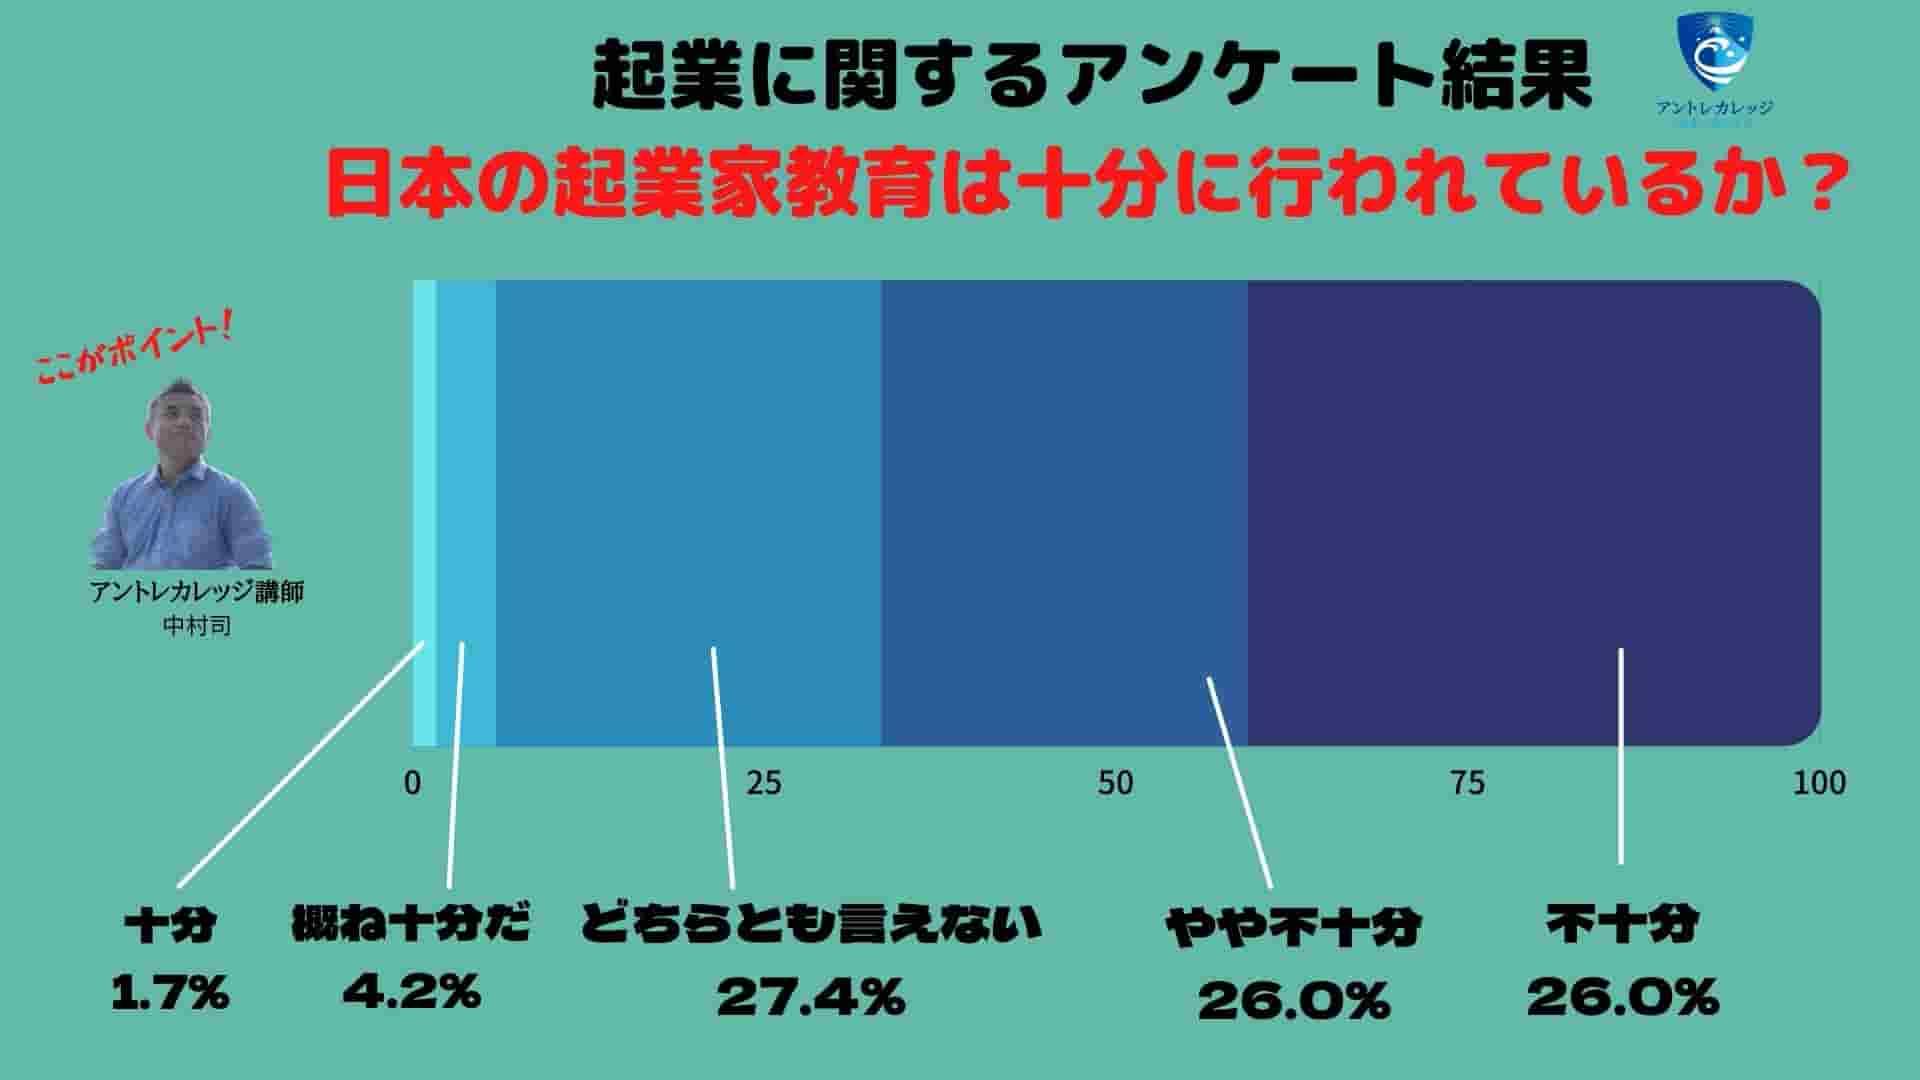 起業数 推移 日本